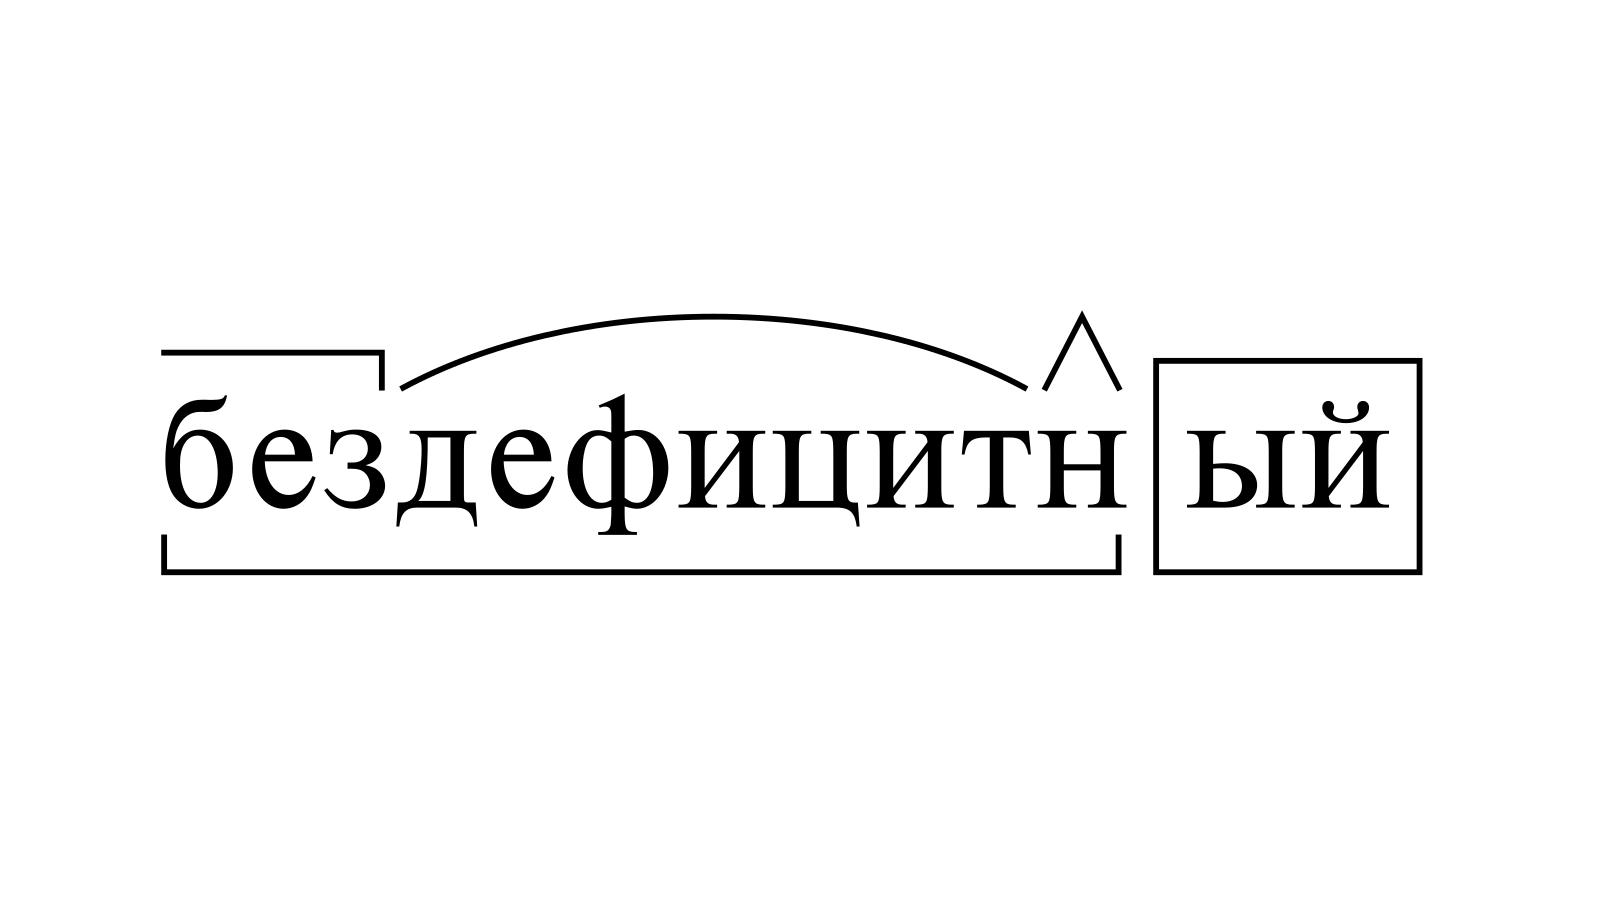 Разбор слова «бездефицитный» по составу